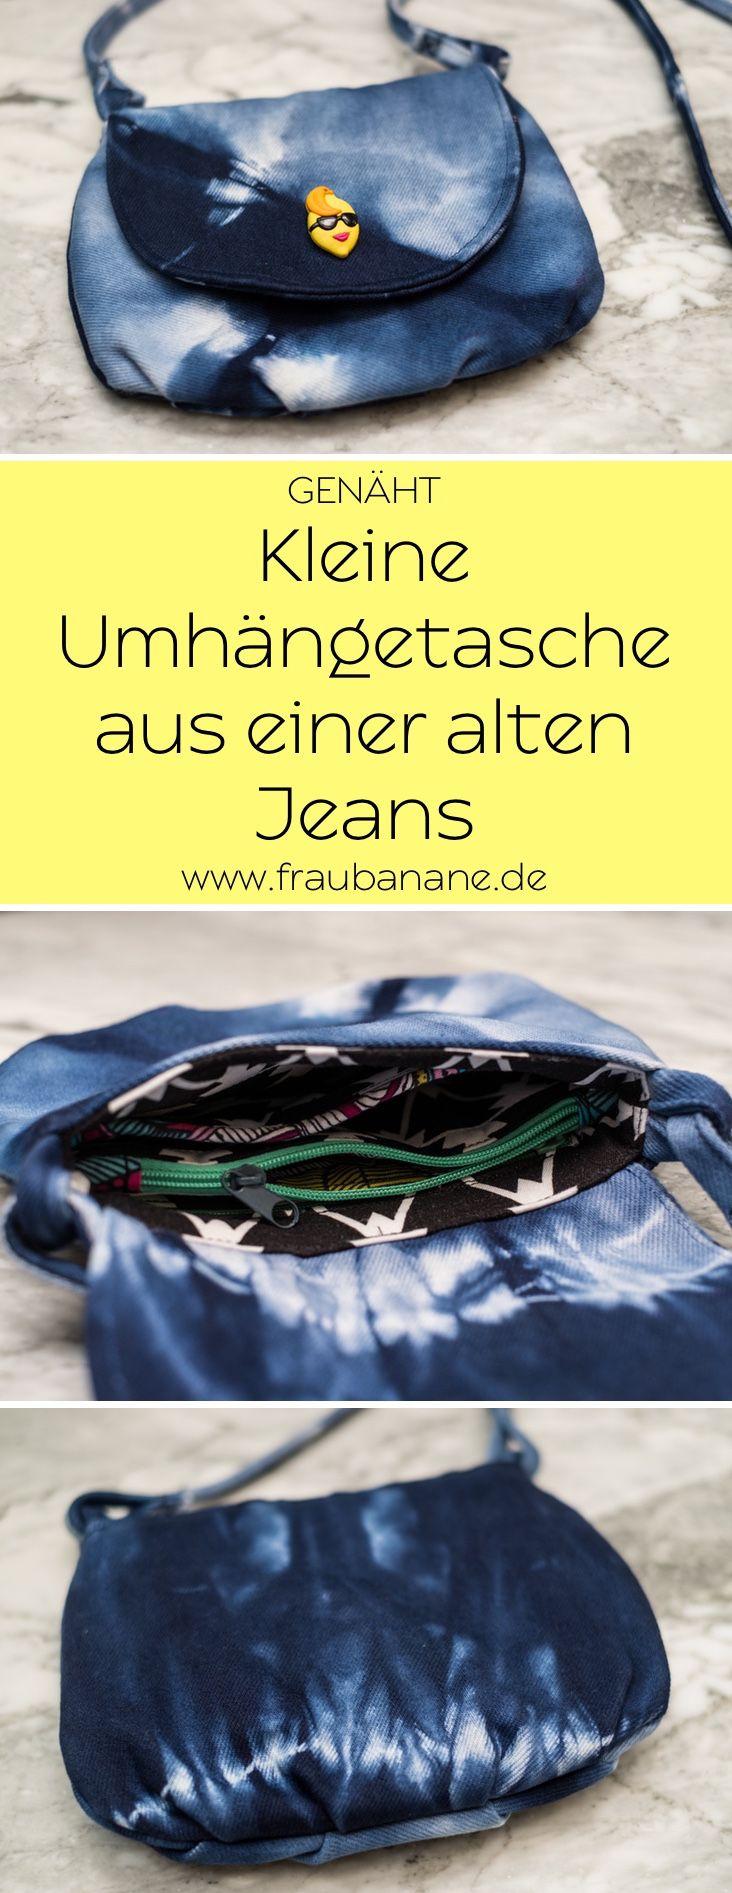 Diese kleine Umhängetasche habe ich aus einer alten weißen Jeans genäht. Die Jeans habe ich vorher gebatikt. Das Innenfutter der Ausgehtasche verfügt über viele Innenfächer. #handtasche #umhängetasche #partytasche #upcycling #nähen #batik #shibori #diy #refashion